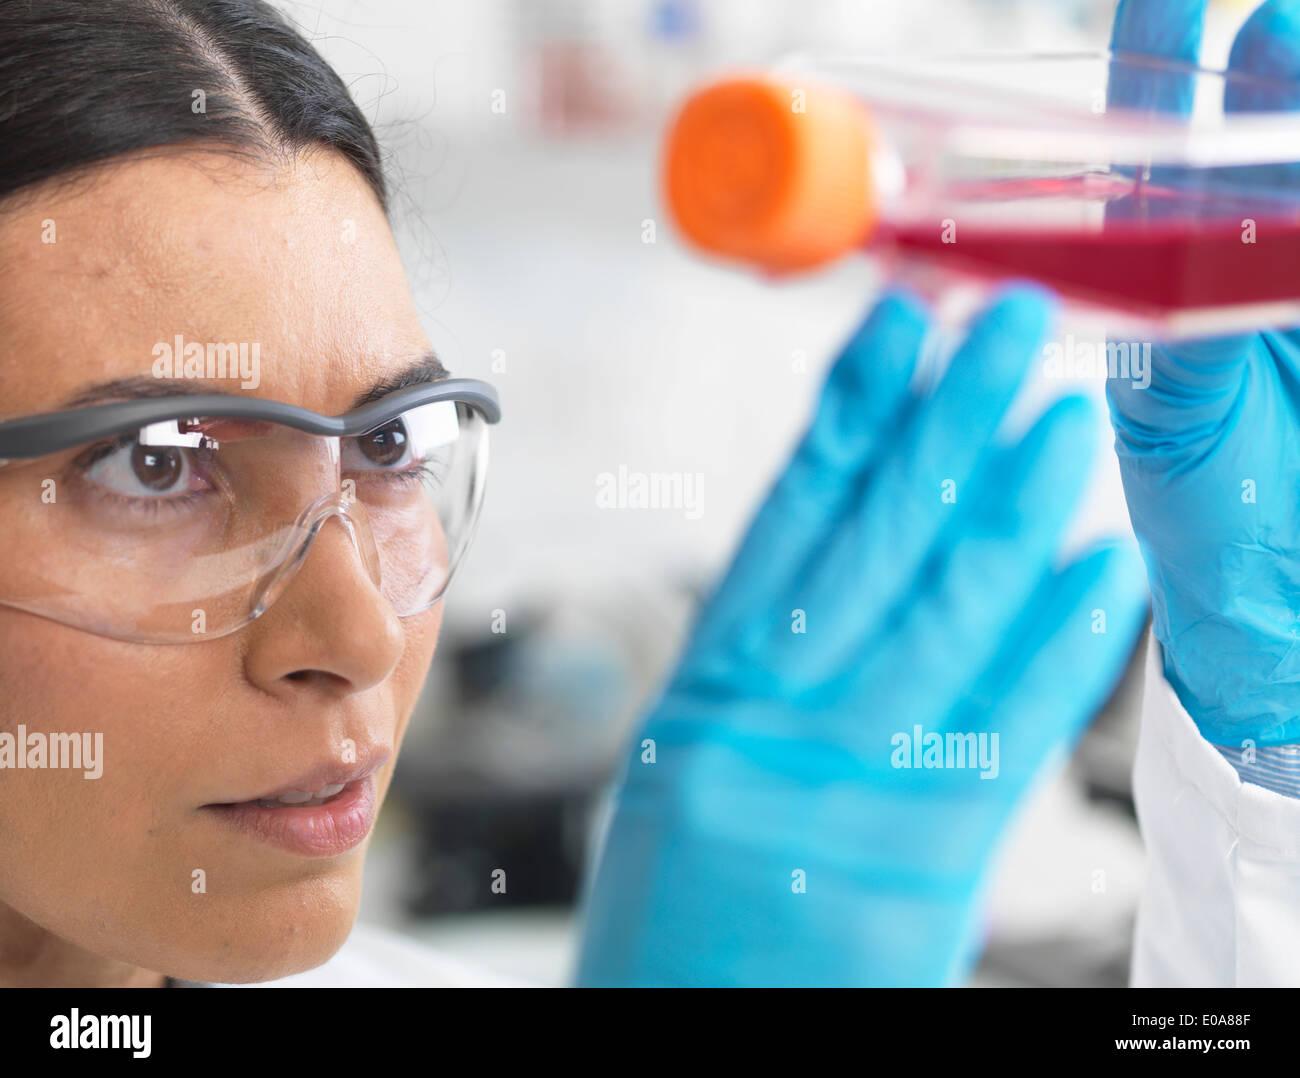 Cerca del biólogo celular sosteniendo un matraz conteniendo células madre, cultivadas en rojo el medio de crecimiento, para investigar las enfermedades Imagen De Stock